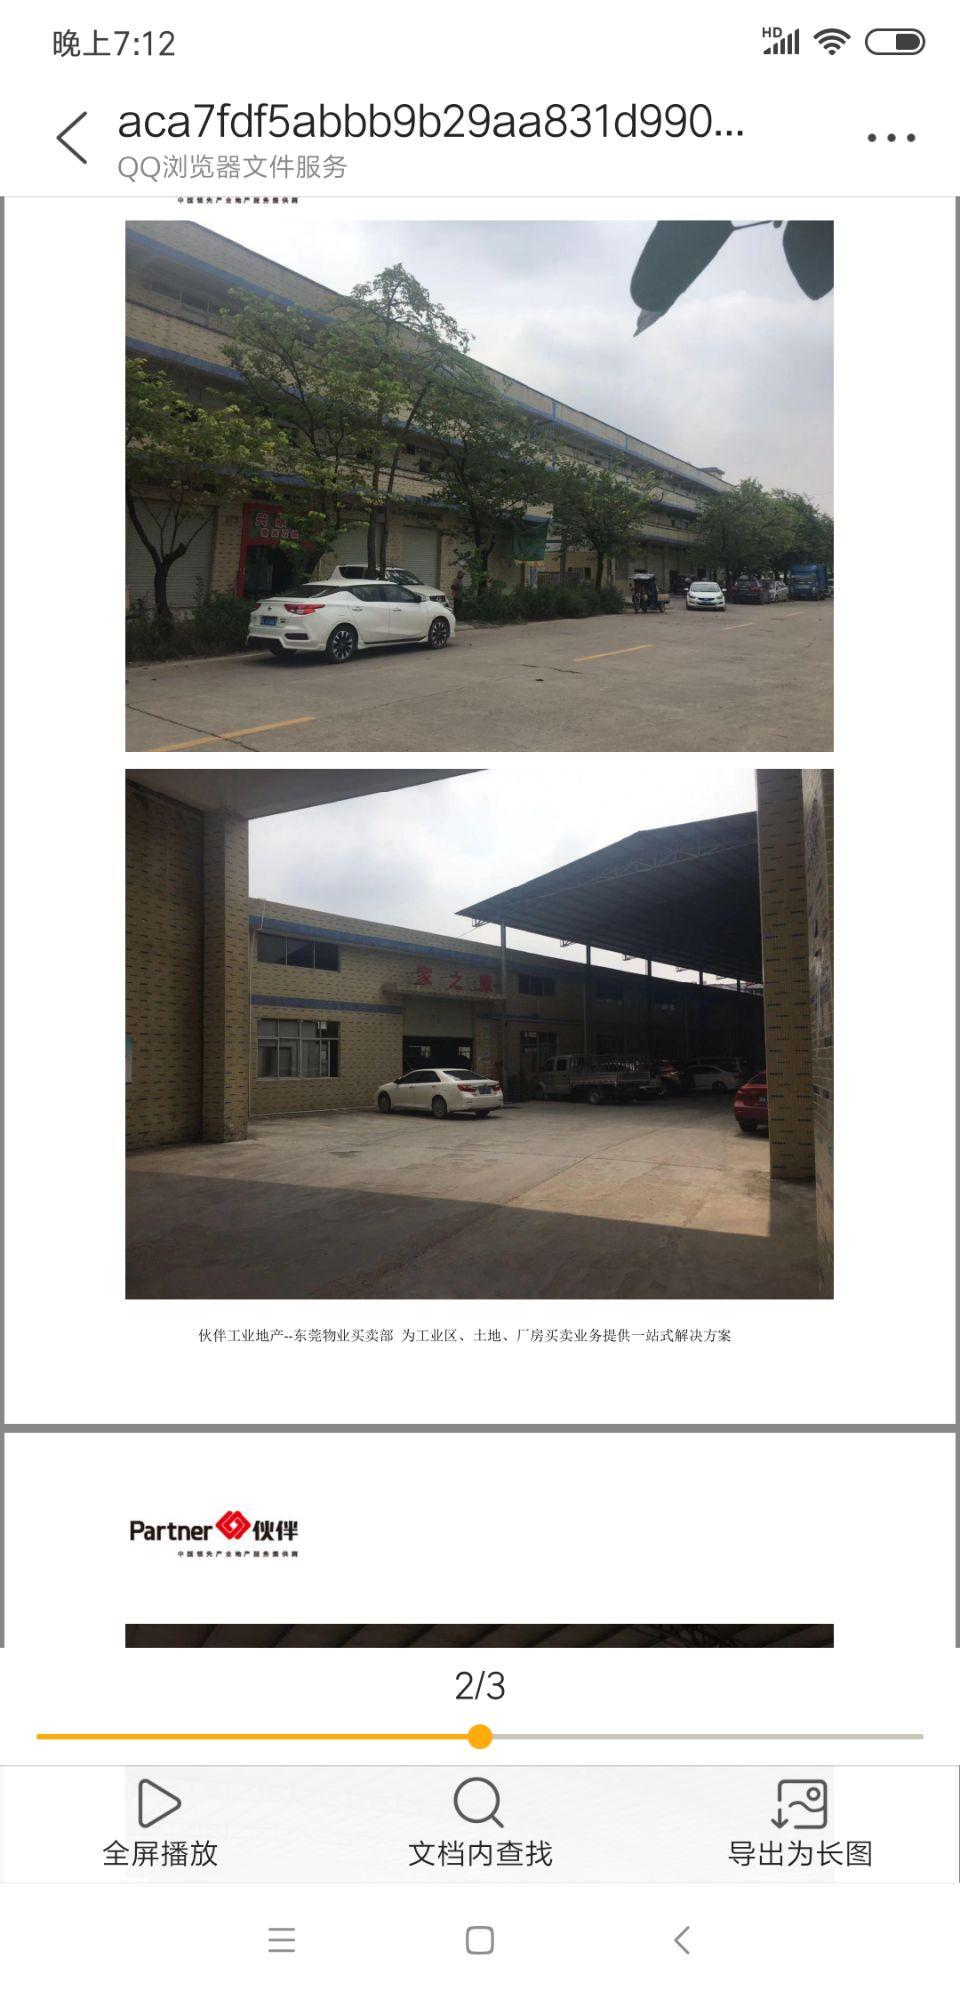 秋长镇占地7100㎡建筑8000㎡村委合同厂房出售 M1H4